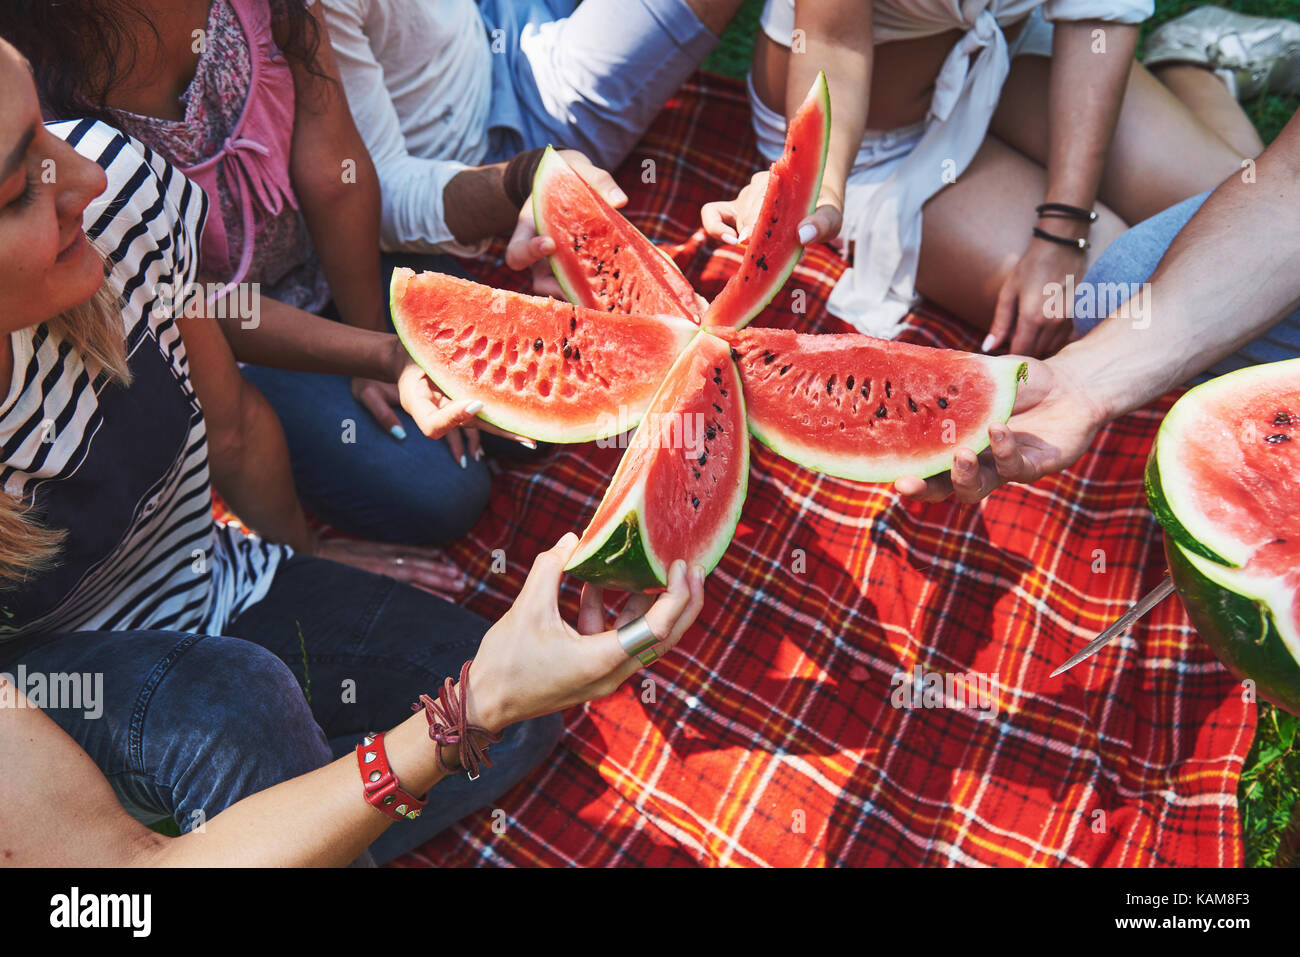 Fröhliche Freunde genießen Wassermelone auf Picknick auf sonnigen Sommertag Stockbild